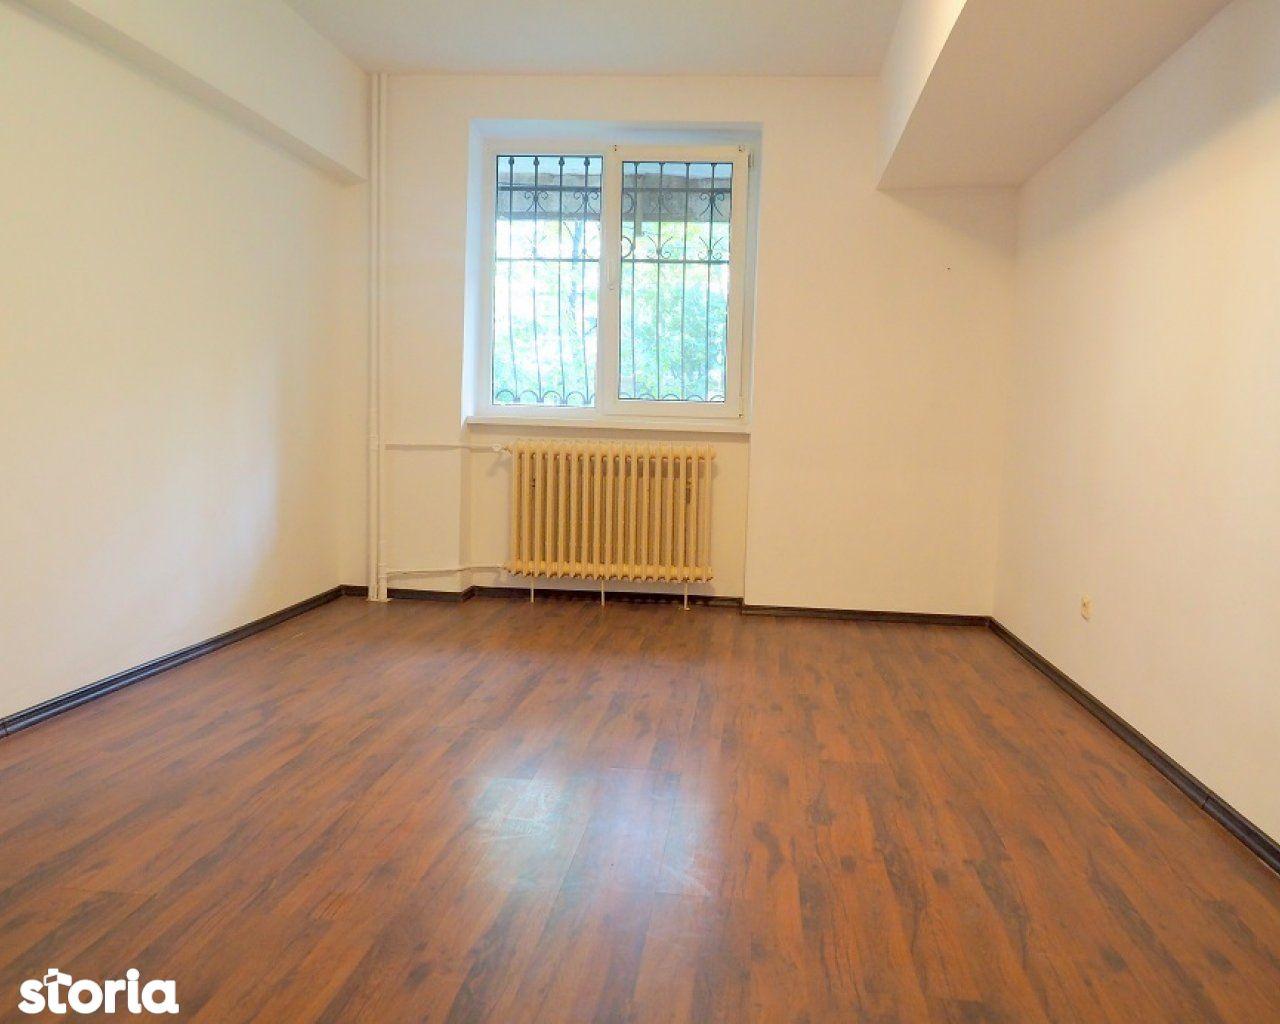 Apartament de vanzare, București (judet), Aleea Trestiana - Foto 1